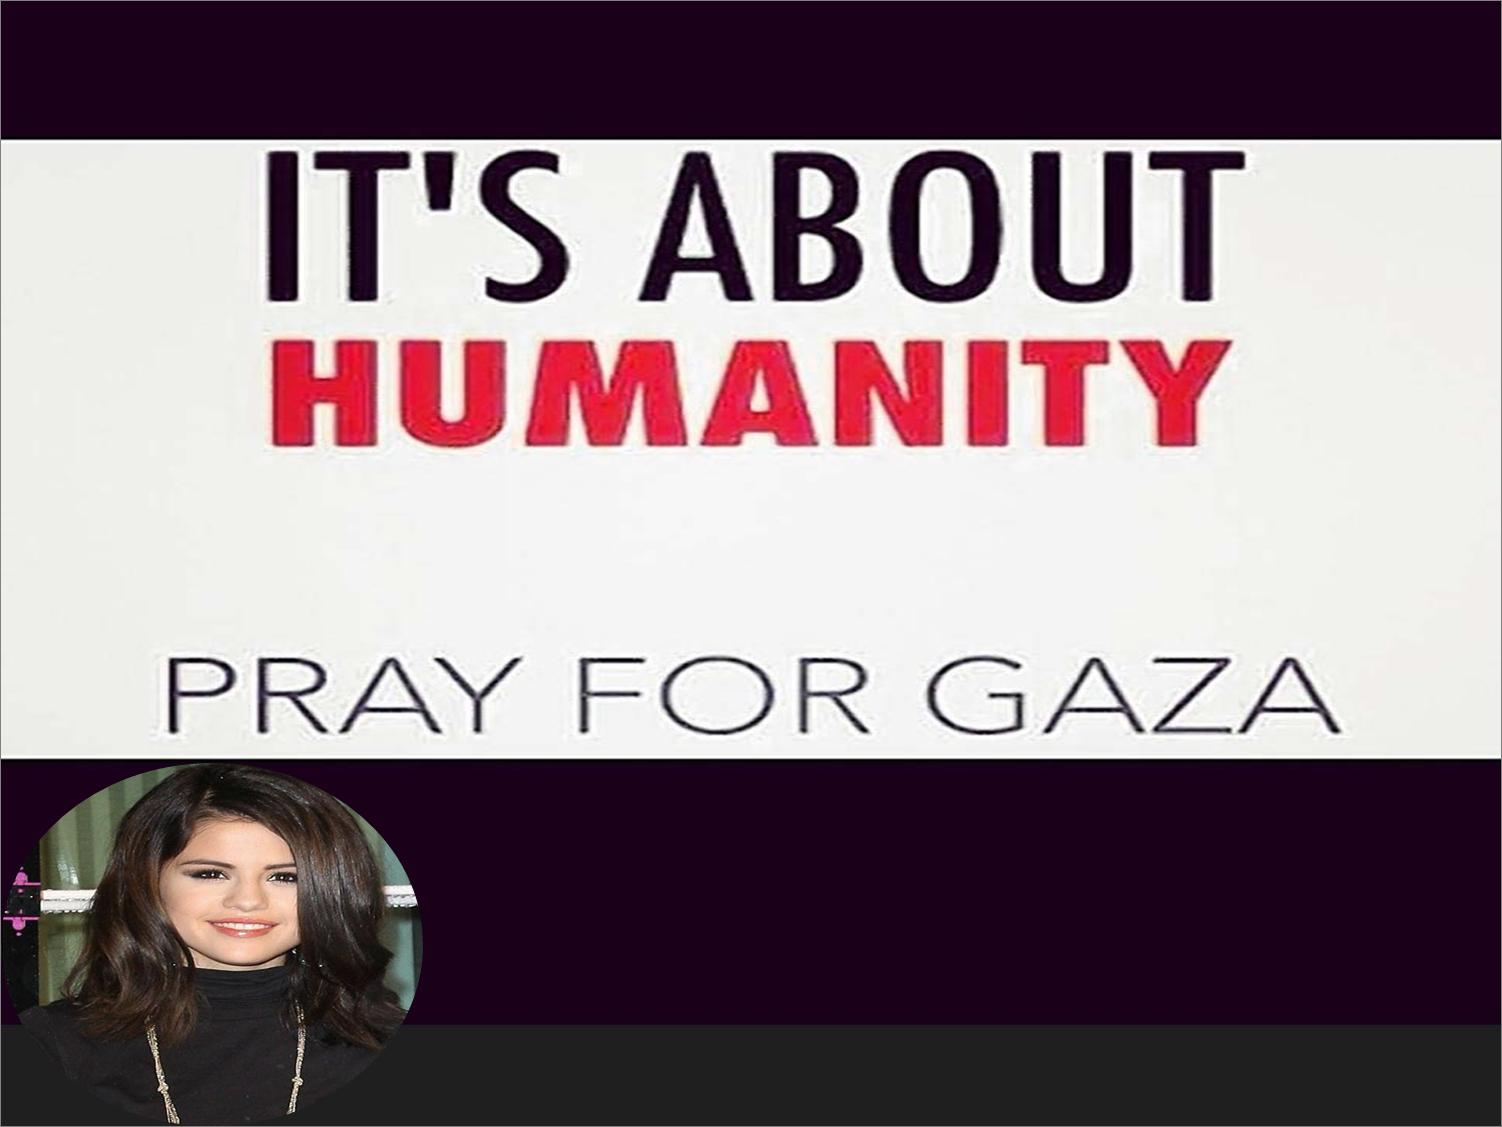 سلنا گومز | سلنا گومز خواننده و بازیگر مشهور هالیوودی متنی جالب مبنی بر دعا برای مردم غزه به صفحه فیسبوک خود ارسال کرد !!! | عکس های جدید سلنا گومز | عکس های سلنا گومز | عکس های ارسالی سلنا گومز | سلنا گومز فیسبوک | فیسبوک سلنا گومز | اخبار سلنا گومز | ارسالی جدید سلنا گومز به فیسبوک | گالری عکس های سلنا گومز | اینستاگرام سلنا گومز | سلنا گومز 2014 | عکس های جشن تولد 22 سالگی سلنا گومز | کلیپ جشن تولد 22 سالگی سلنا گومز | آریا فان | سایت آریا فان | سایت عکس | سایت عکس خوانندگان خارجی | جشن تولد 22 سالگی سلنا گومز | عکس